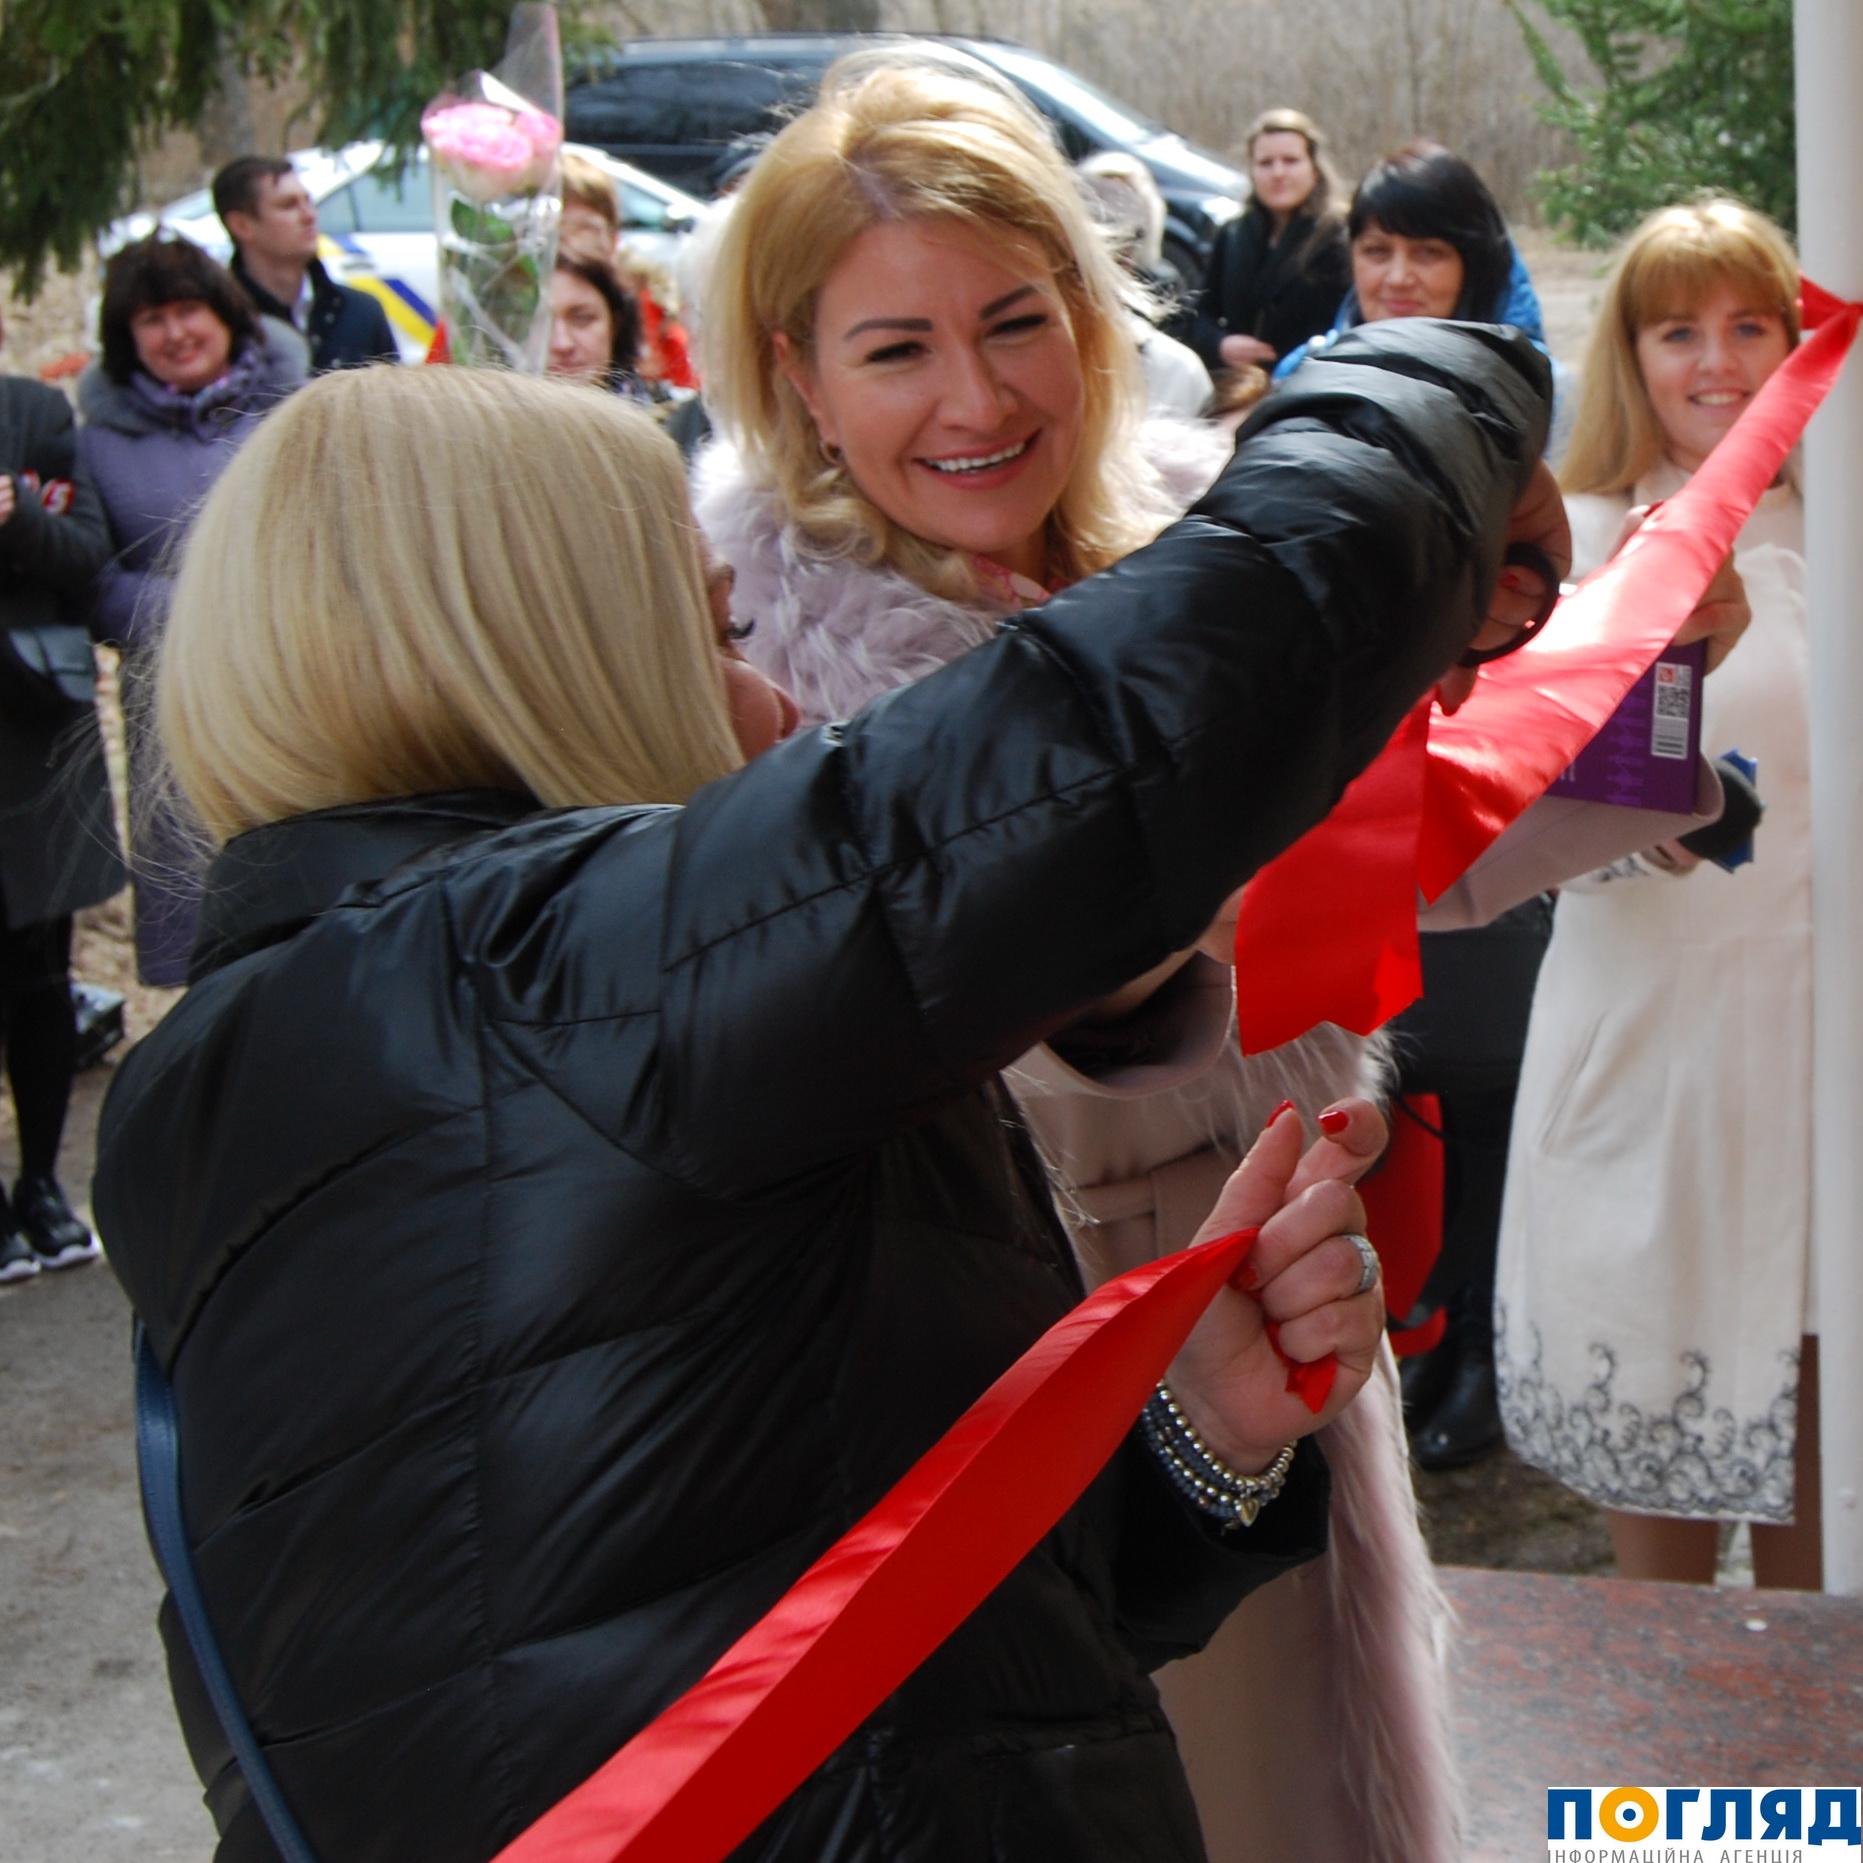 Насильство – не норма: на Київщині відкрився притулок для жінок – жертв насильства